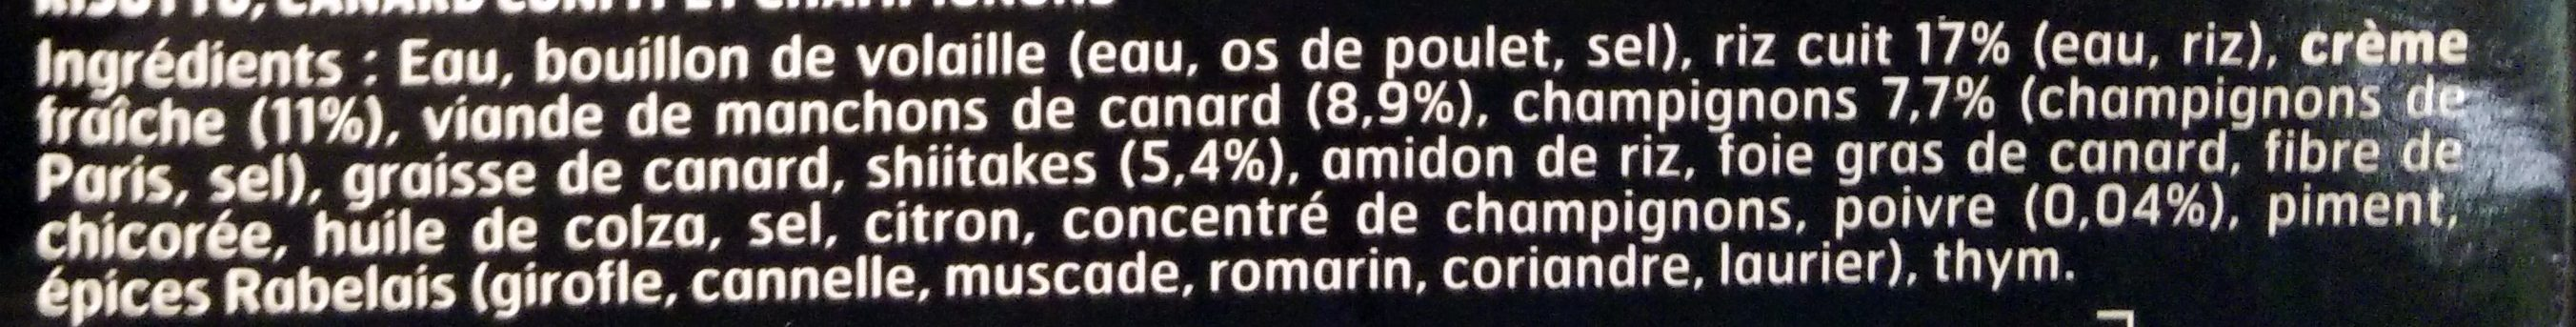 Jôel Robuchon Le Risotto aux champignons et canard confit - Ingrédients - fr